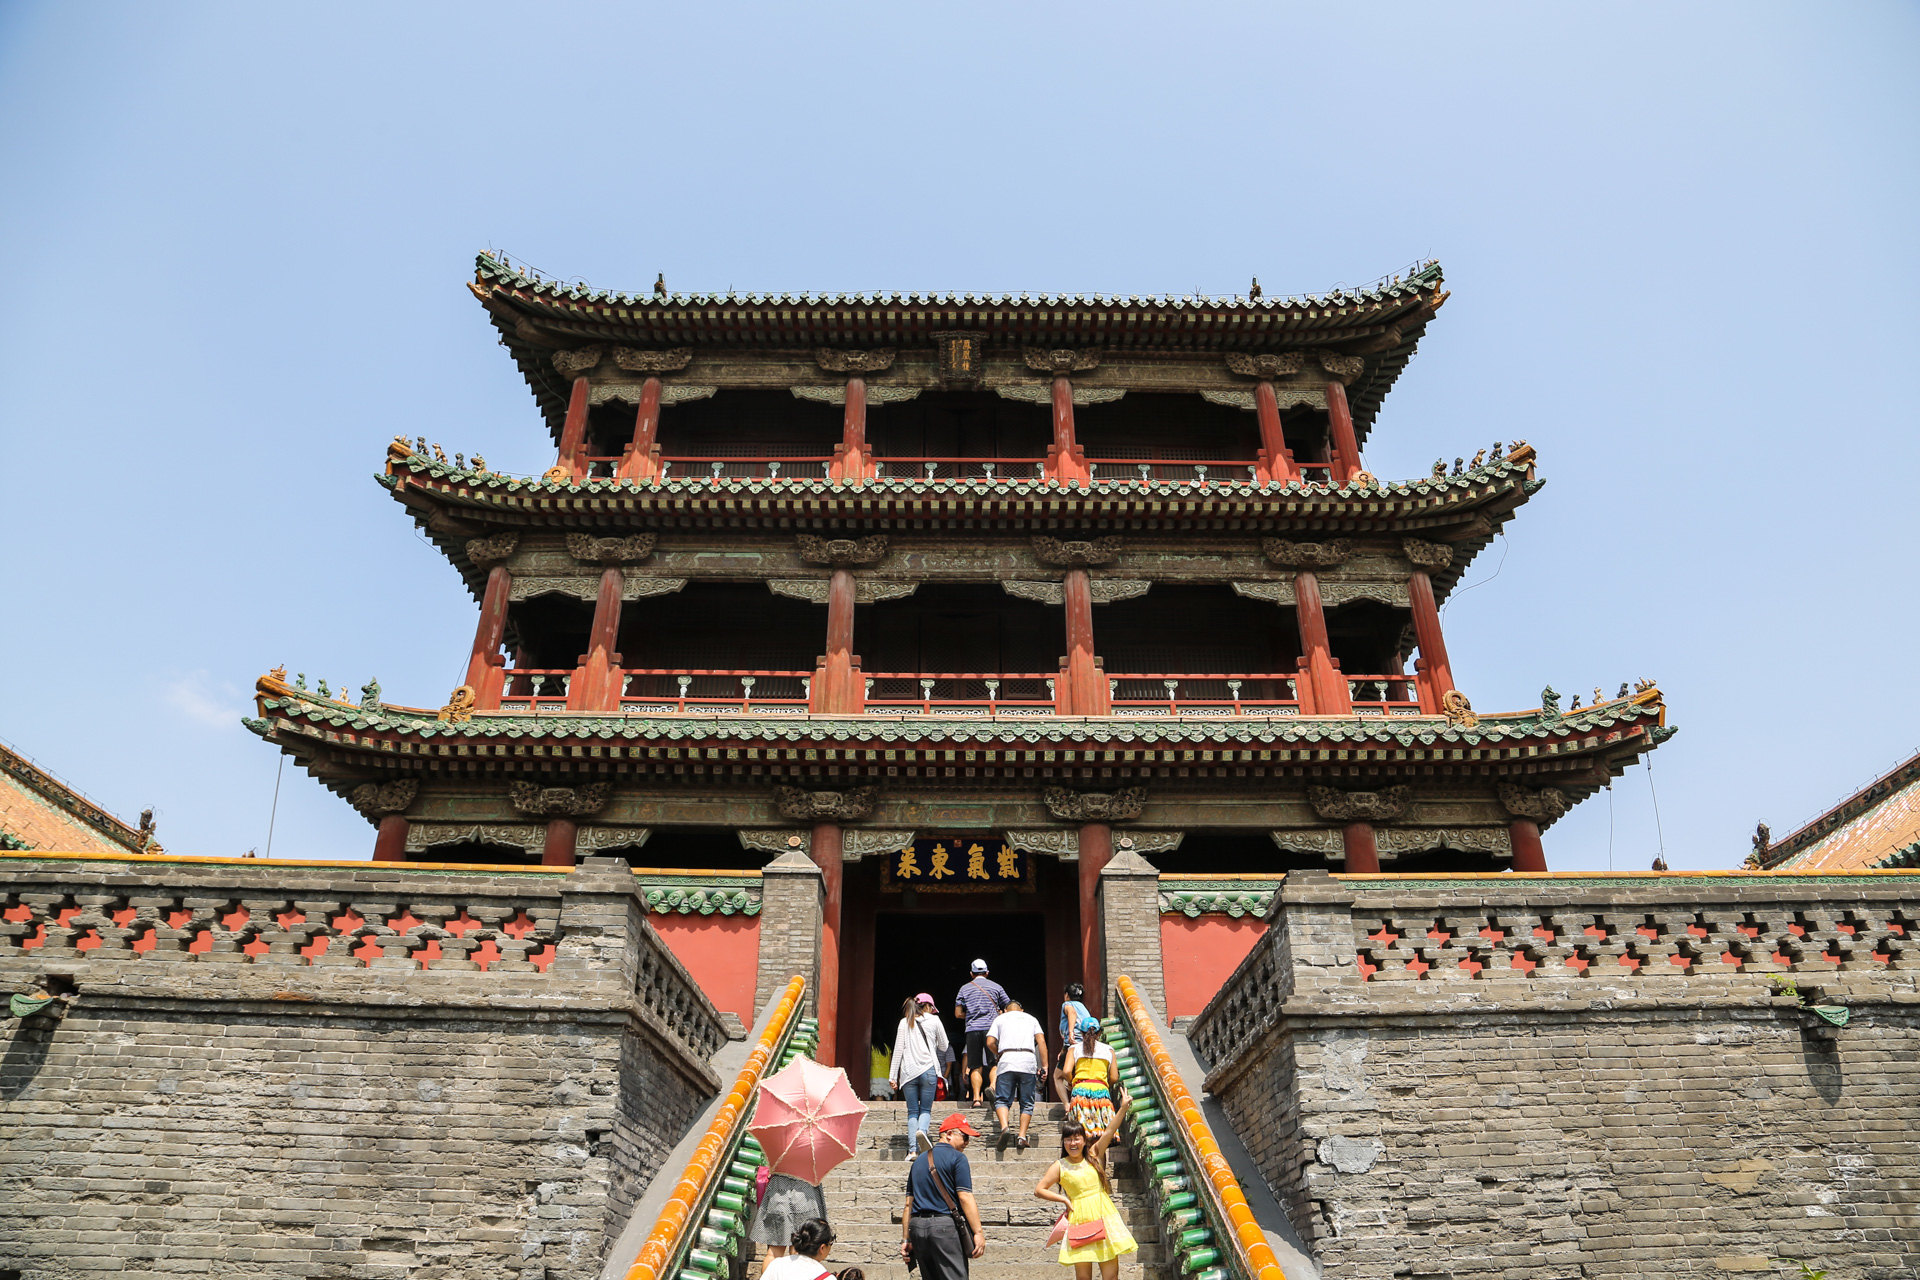 建筑特色:与北京故宫相比,沈阳故宫建筑风格具有独特的满,蒙,藏特色.